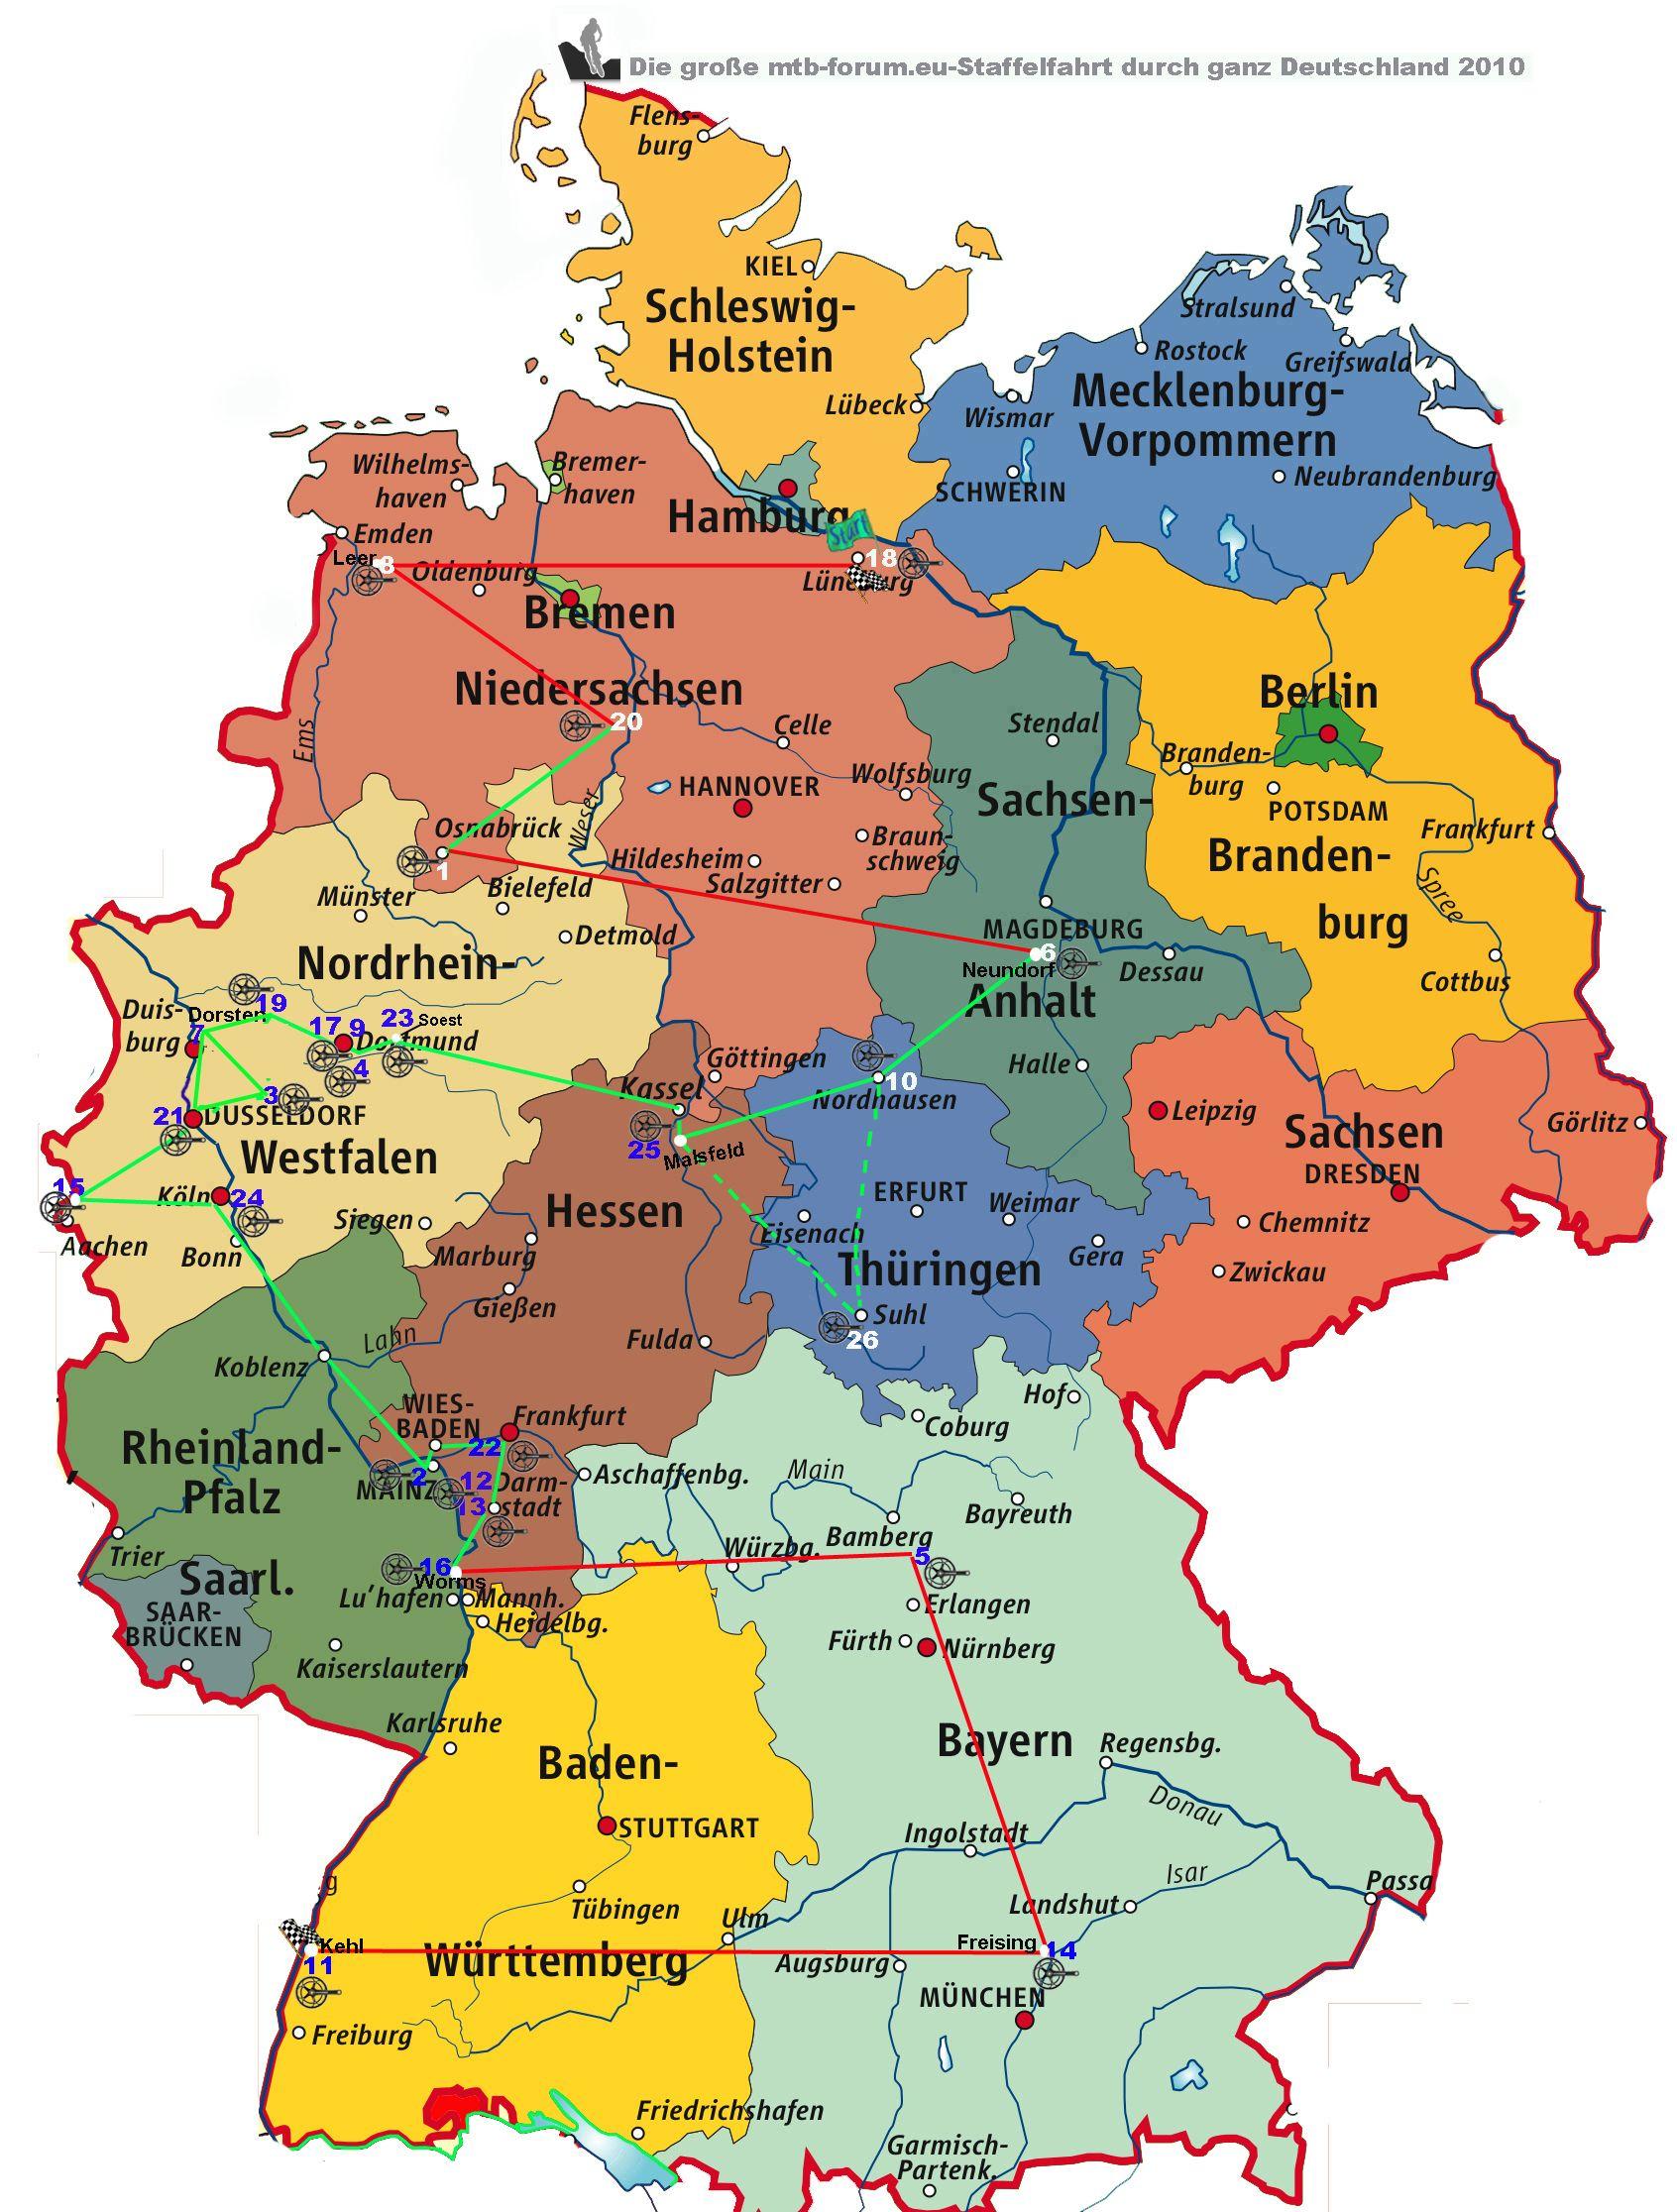 eine karte von deutschland koblenz karte deutschland #deutschland #karte #koblenz | Karte